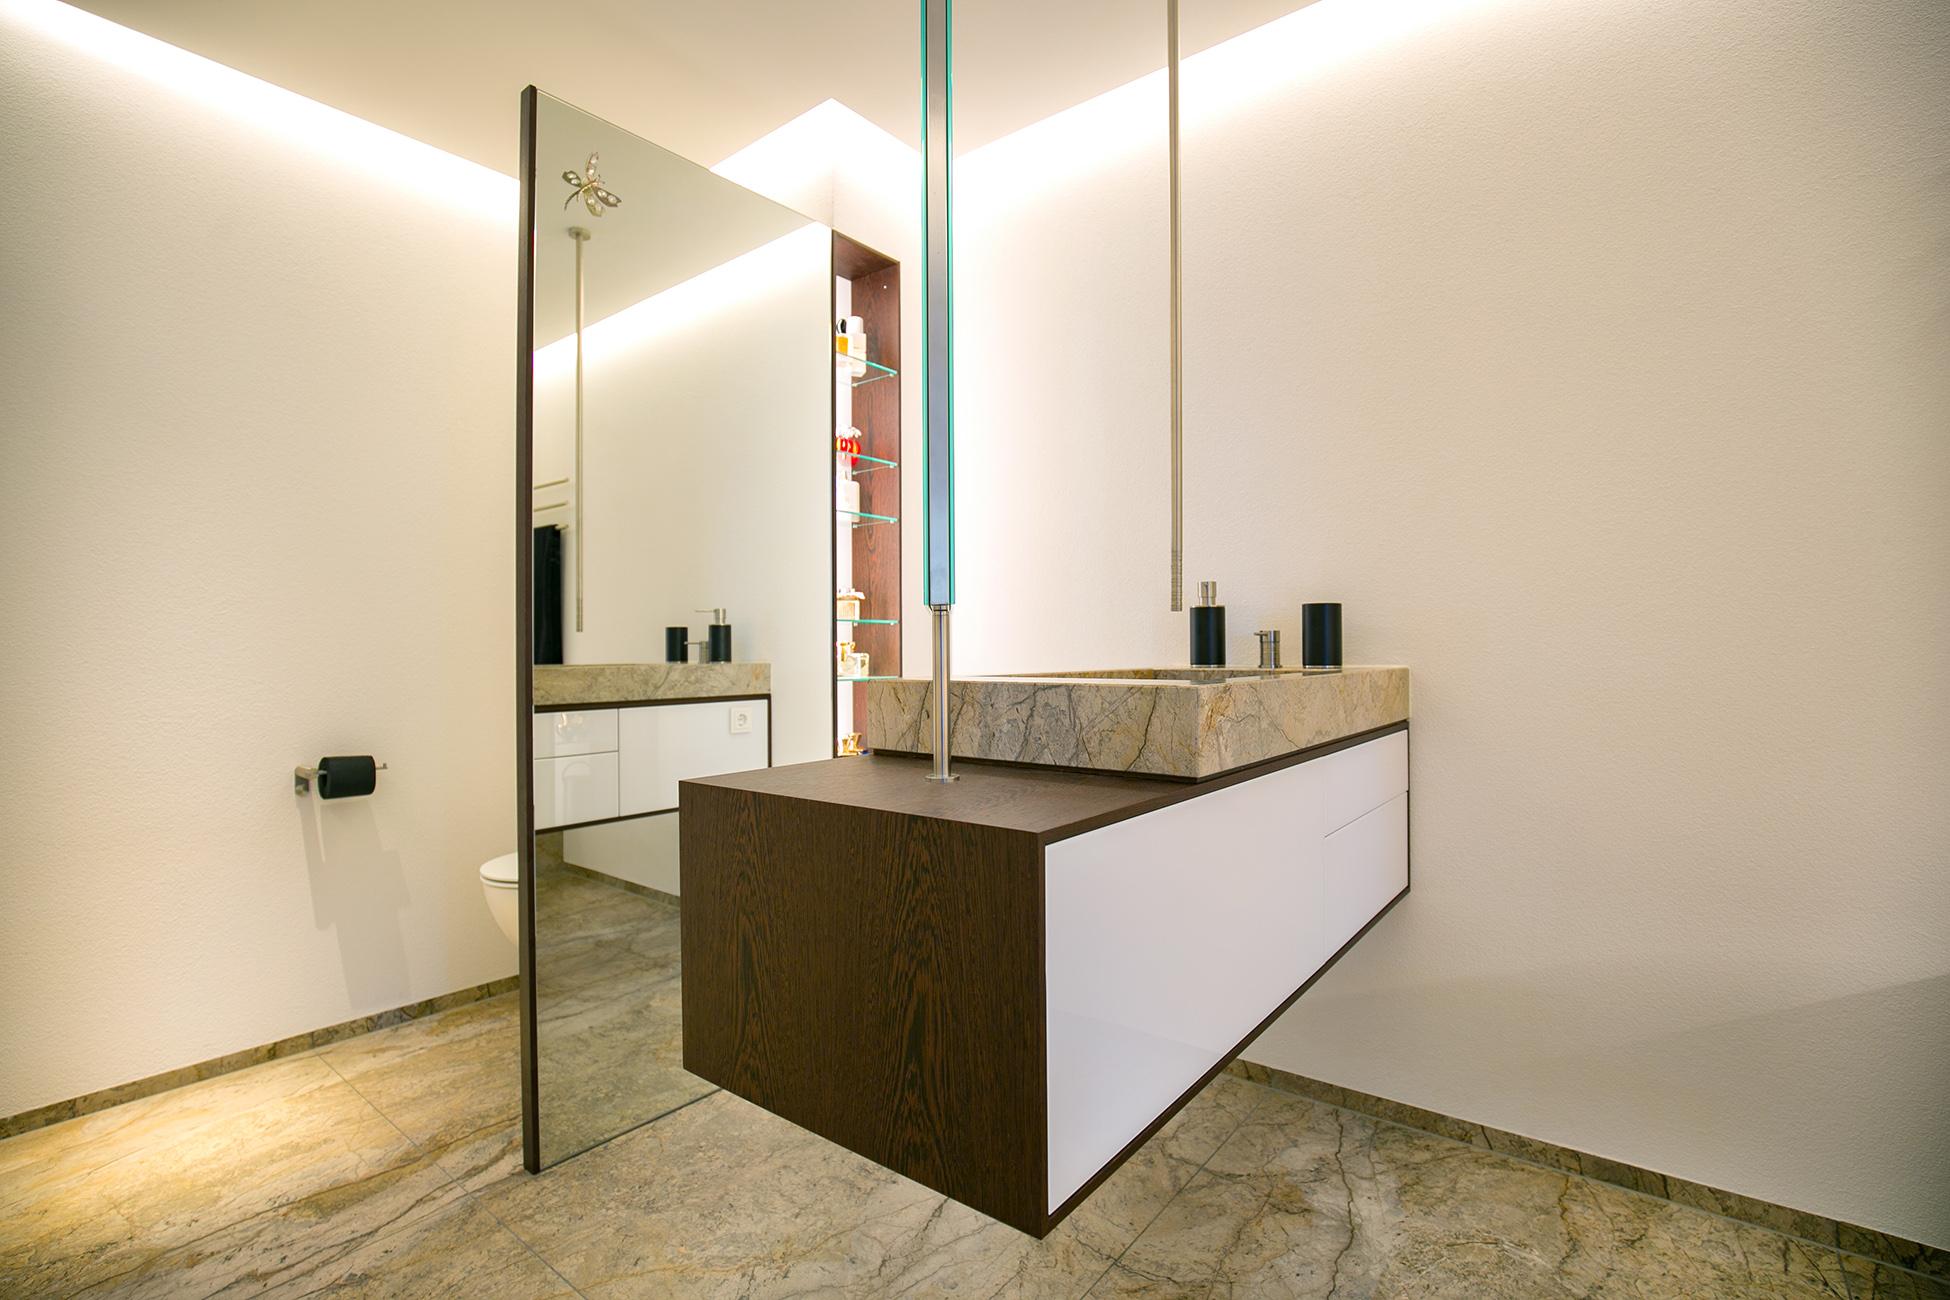 Badmanufaktur Gschlecht Radolfzell Badezimmer